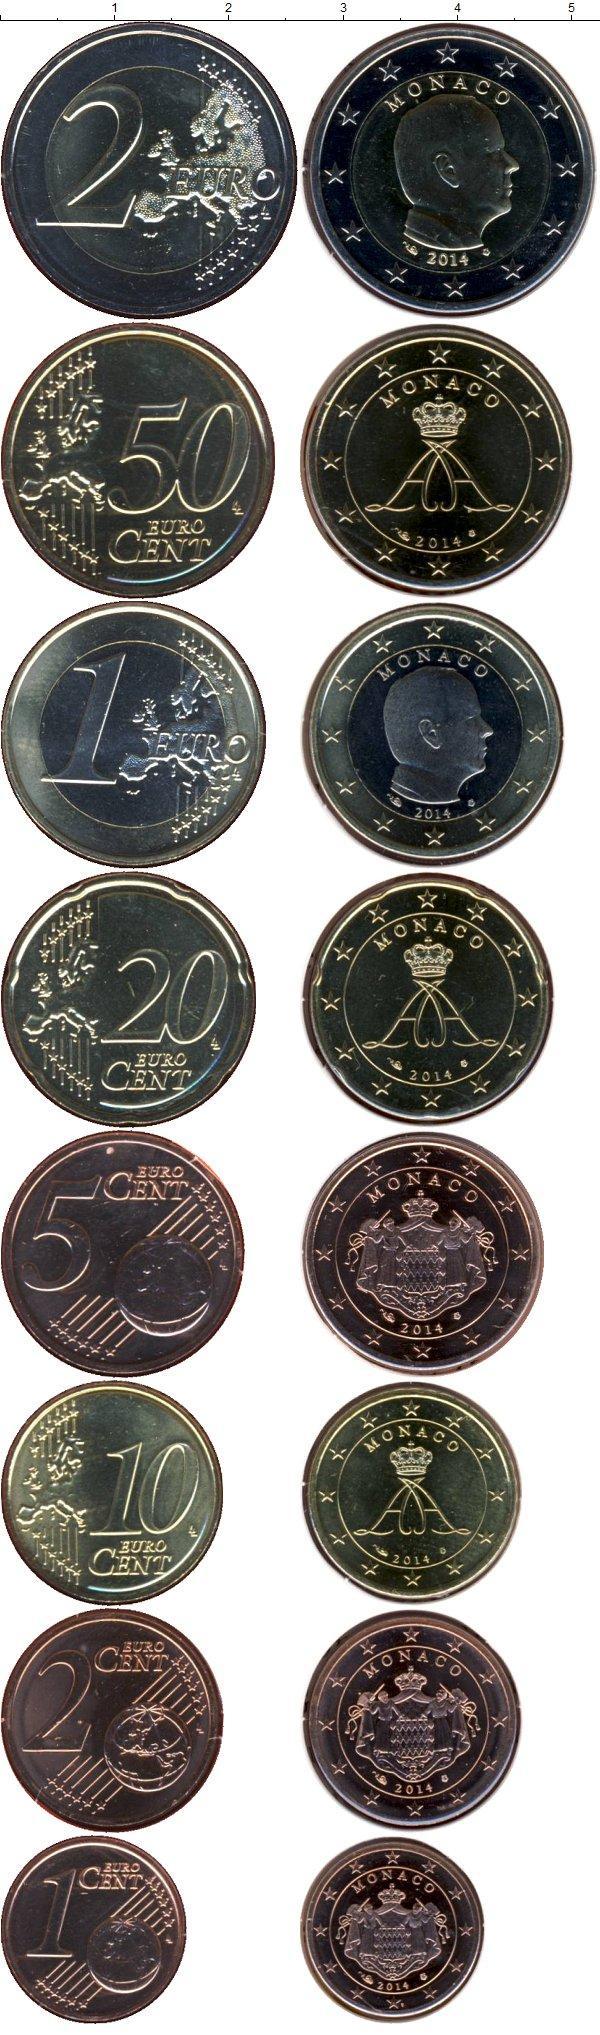 Каталог монет - Монако Евронабор 2014